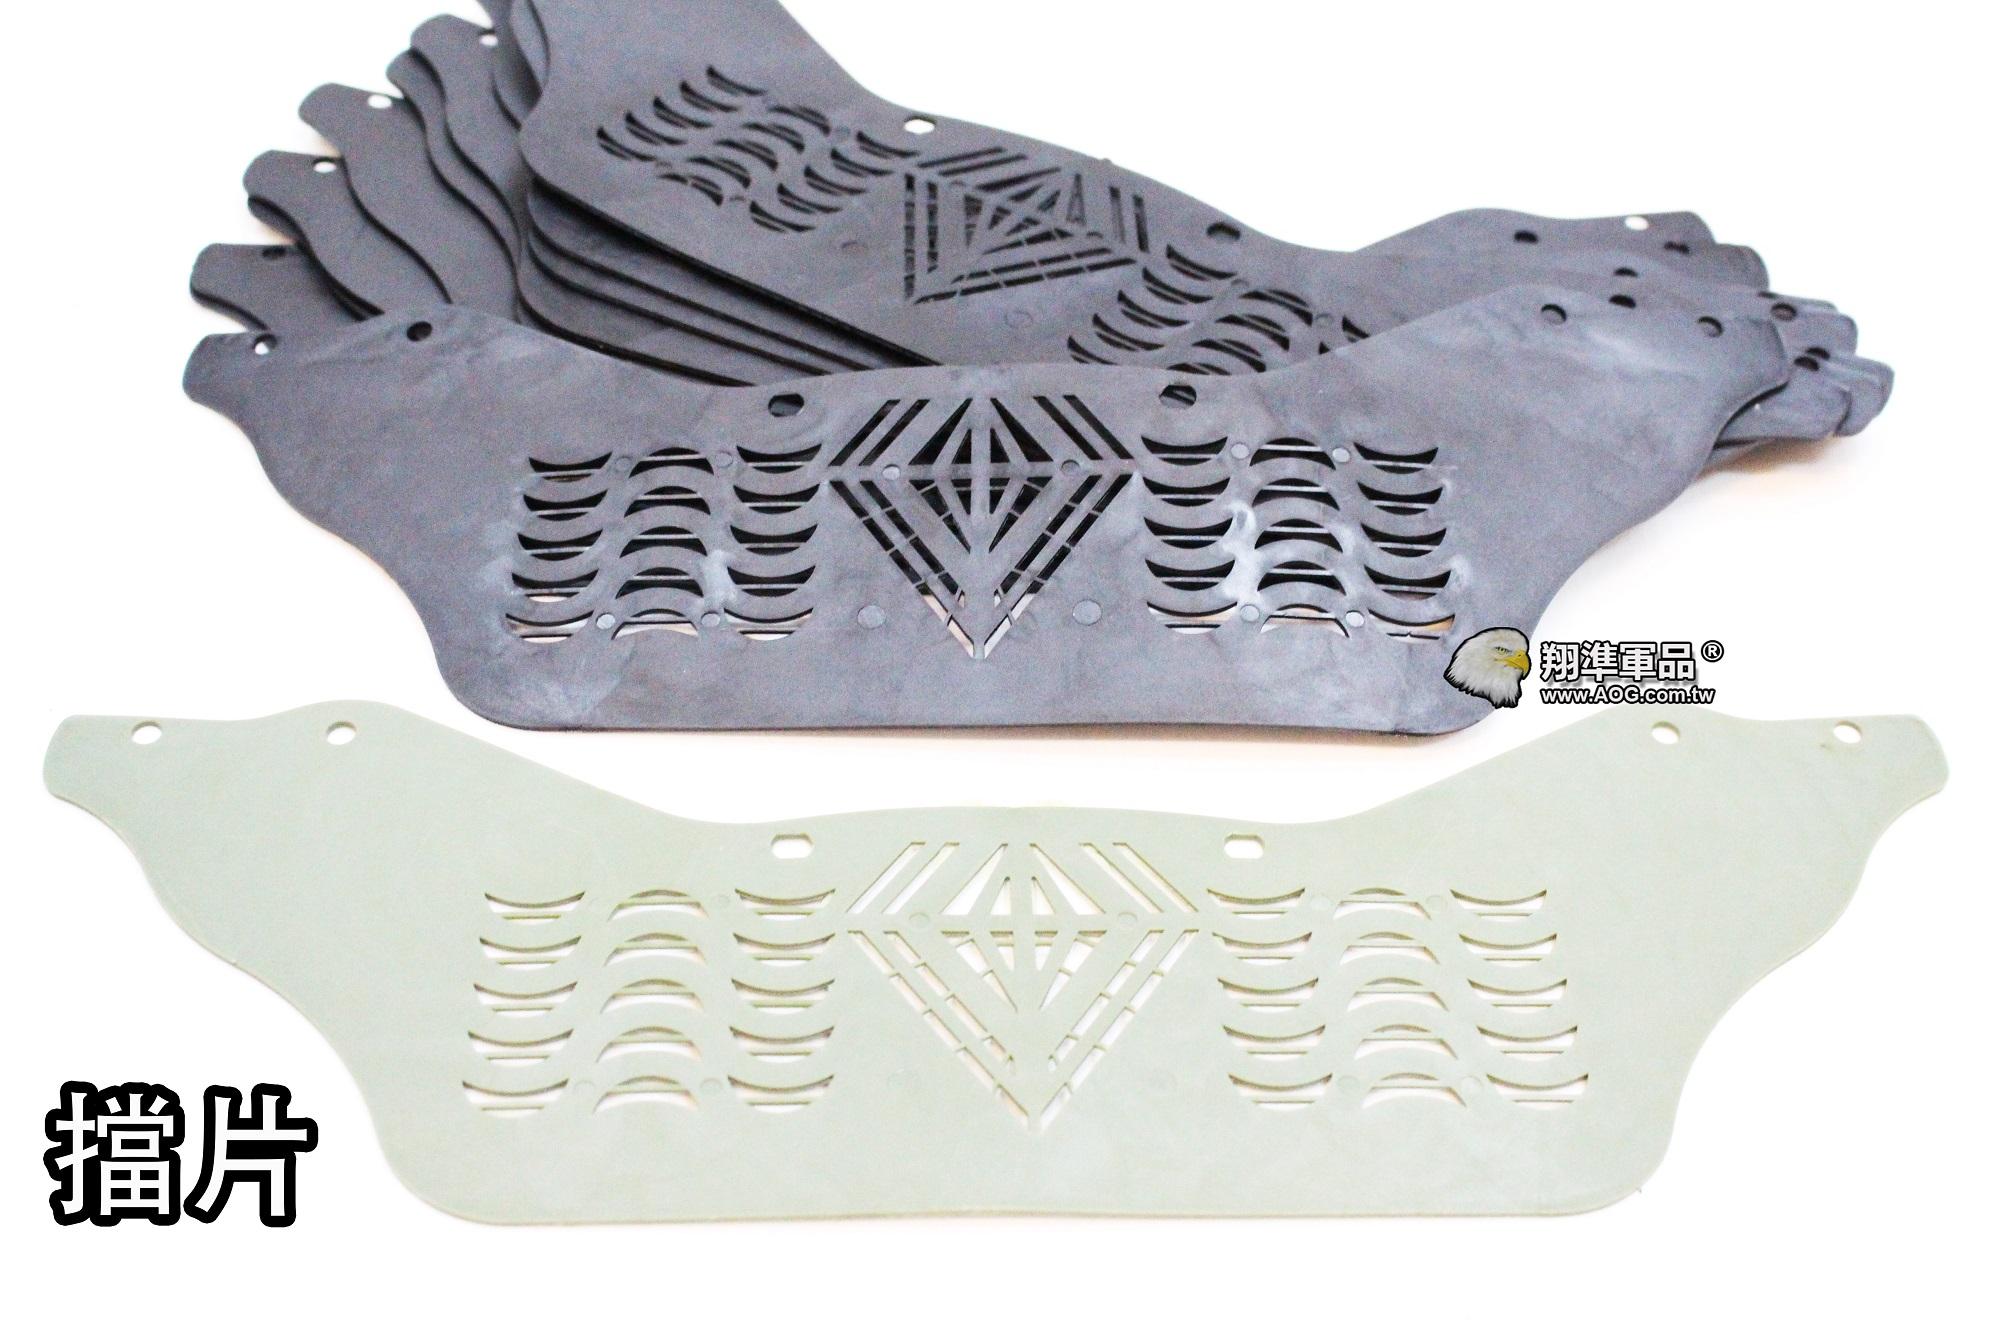 【翔準軍品AOG】【擋片】面具 面罩 護片 塑膠片 裝備 零件 透氣